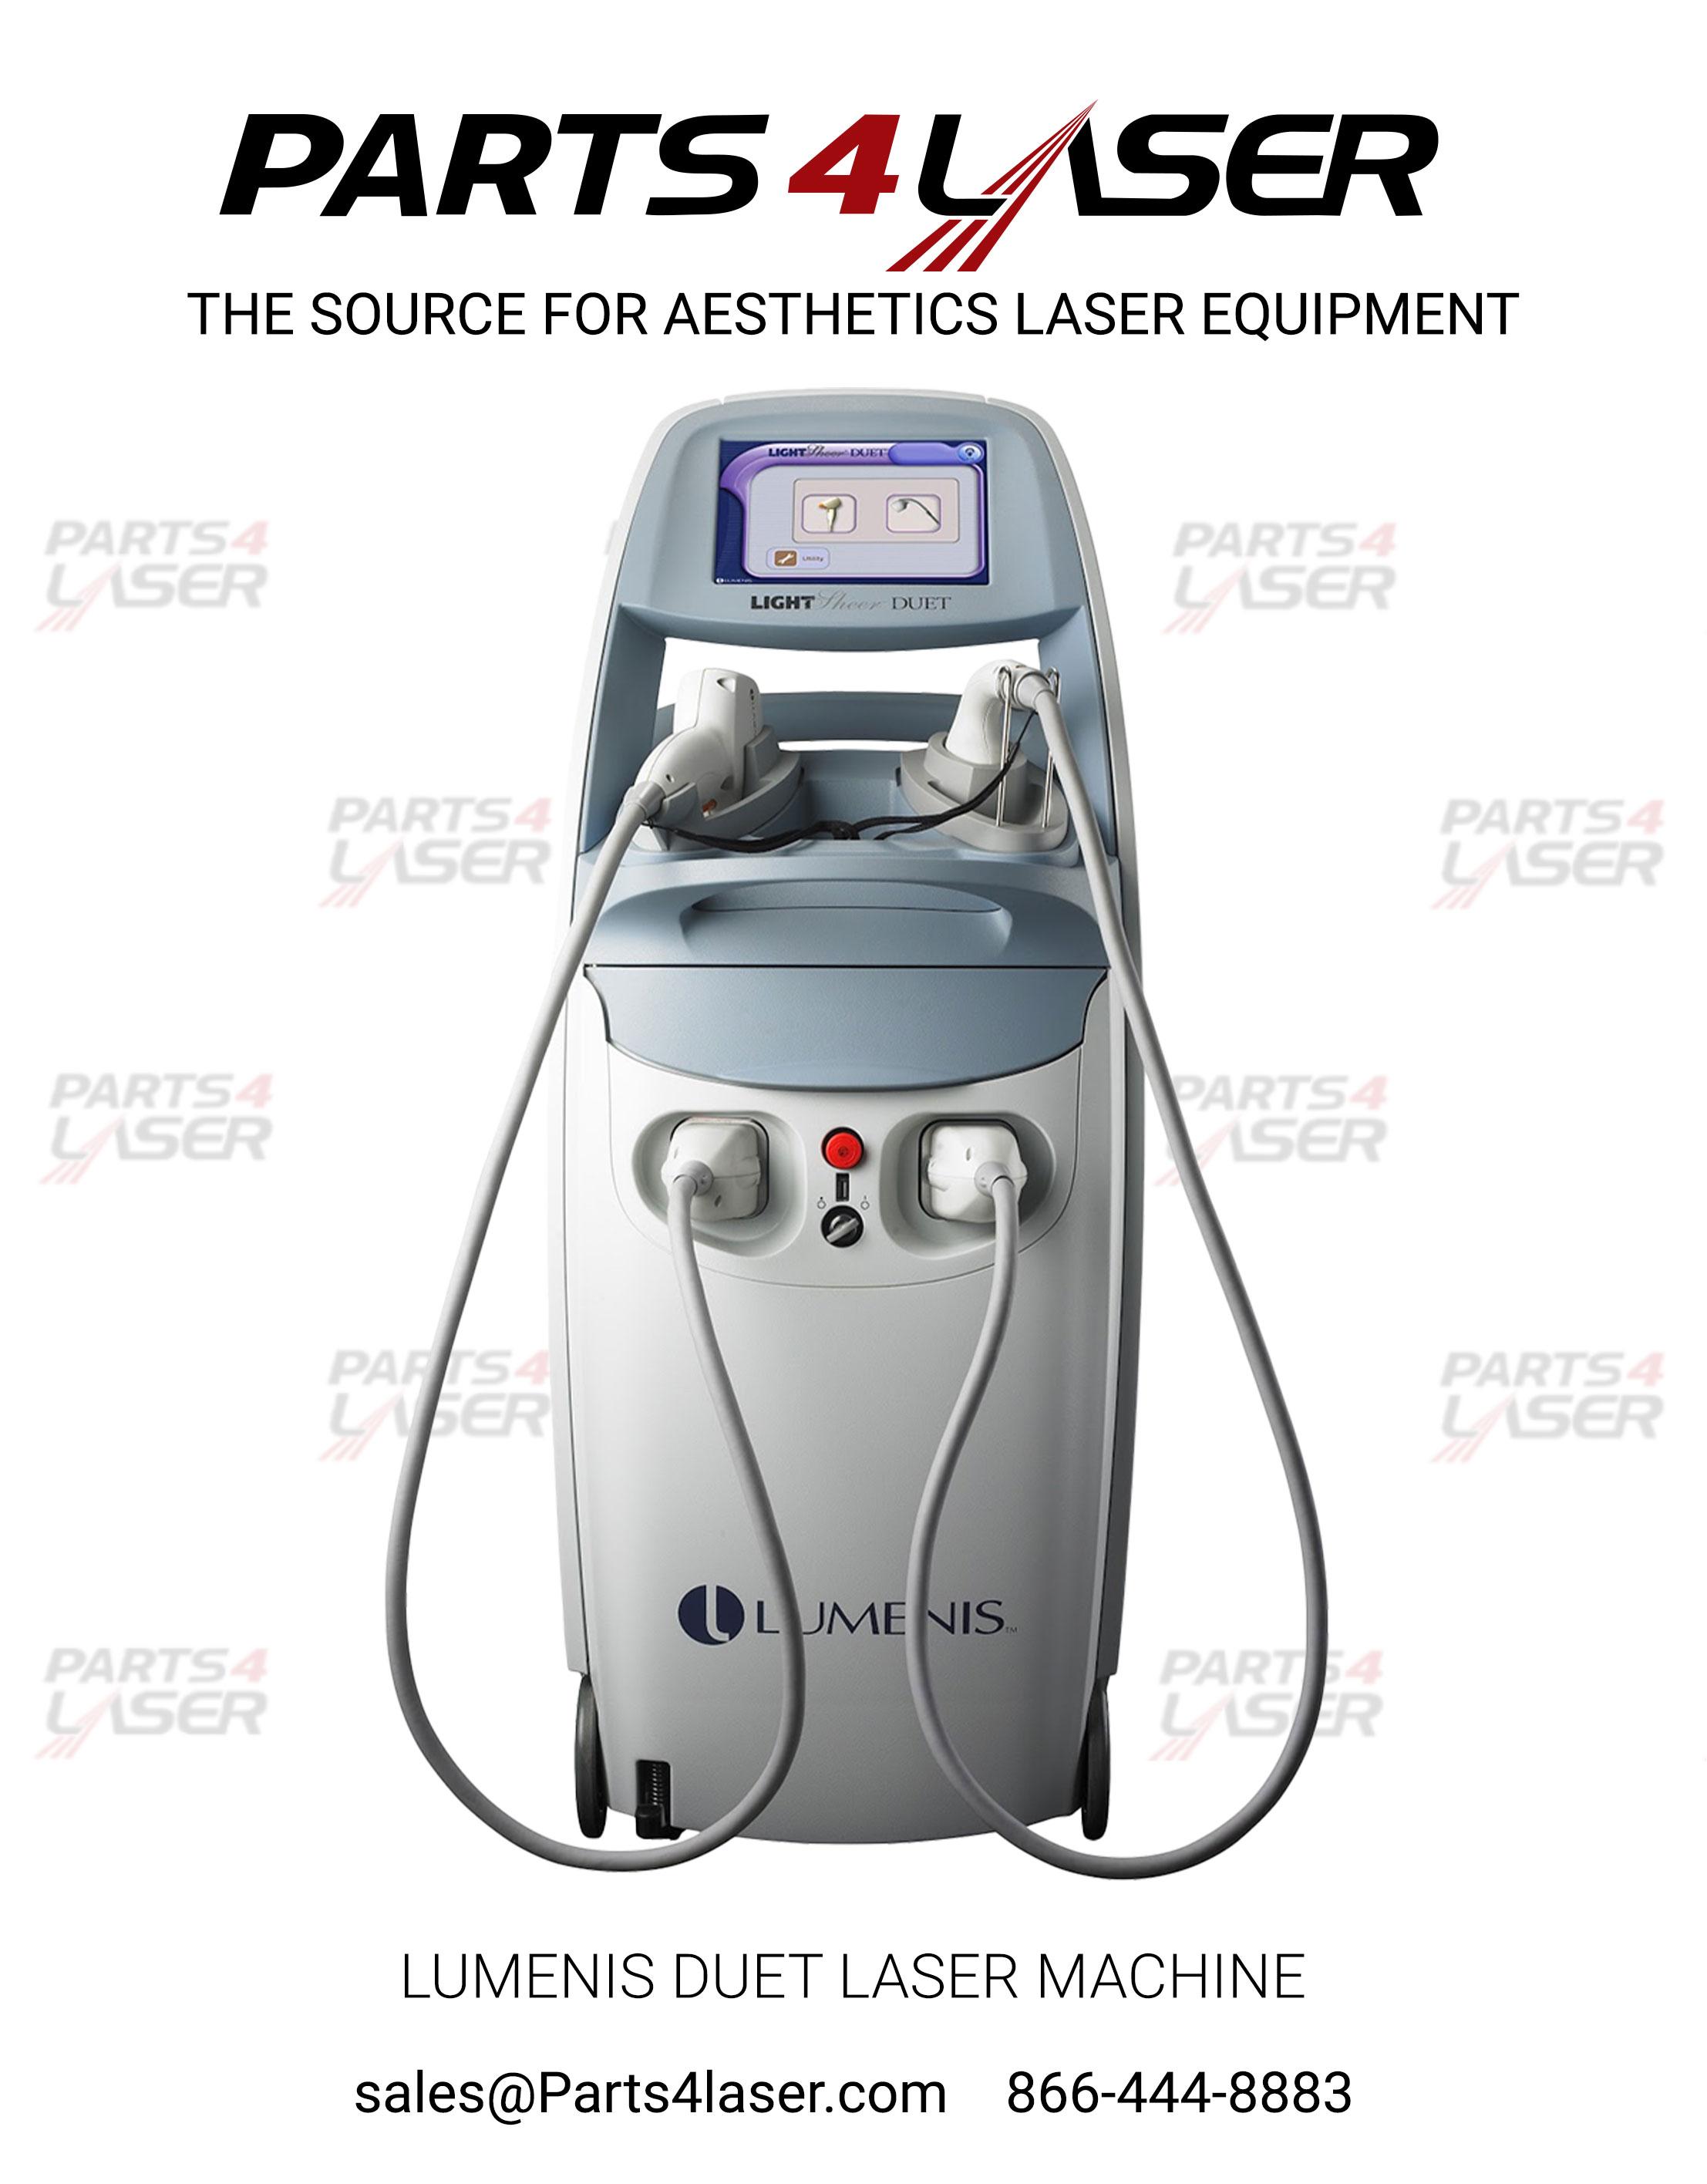 Lumenis Duet Laser Machine Diode Laser Hair Removal Laser